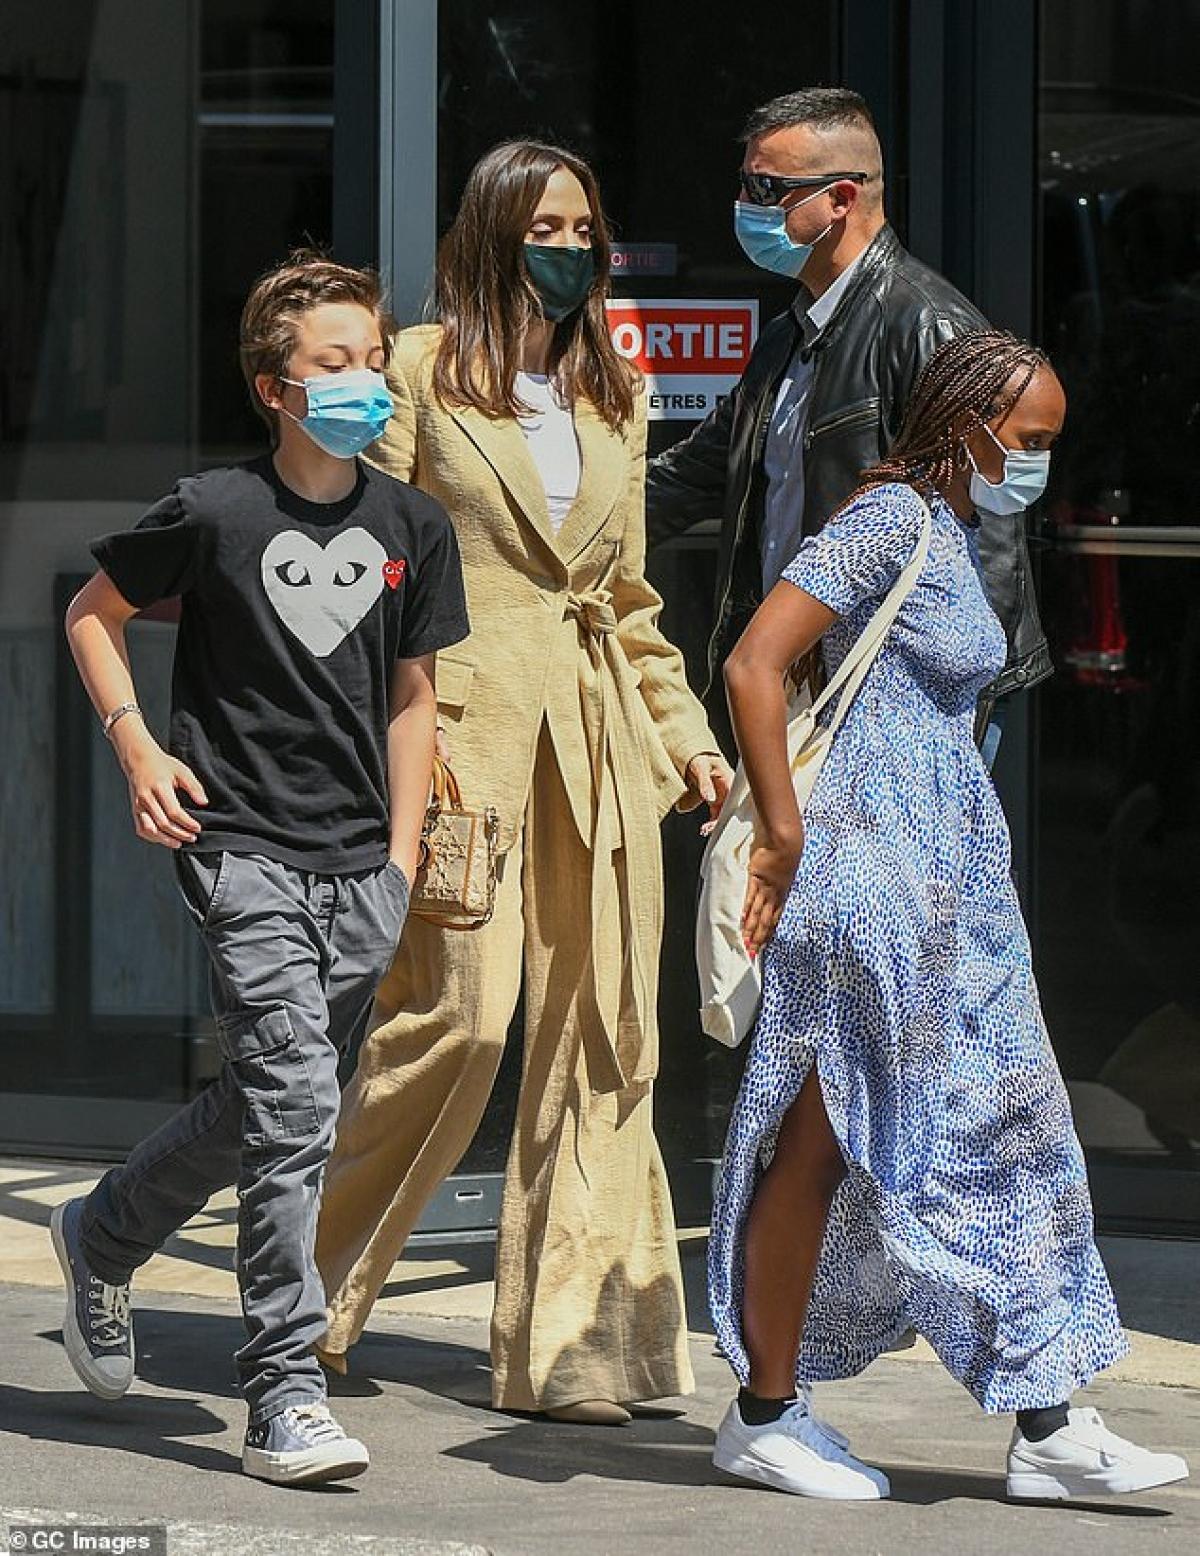 Mẹ con Angelina Jolie đeo khẩu trang cẩn thận bảo vệ mình và cộng đồng trong thời điểm dịch bệnh.